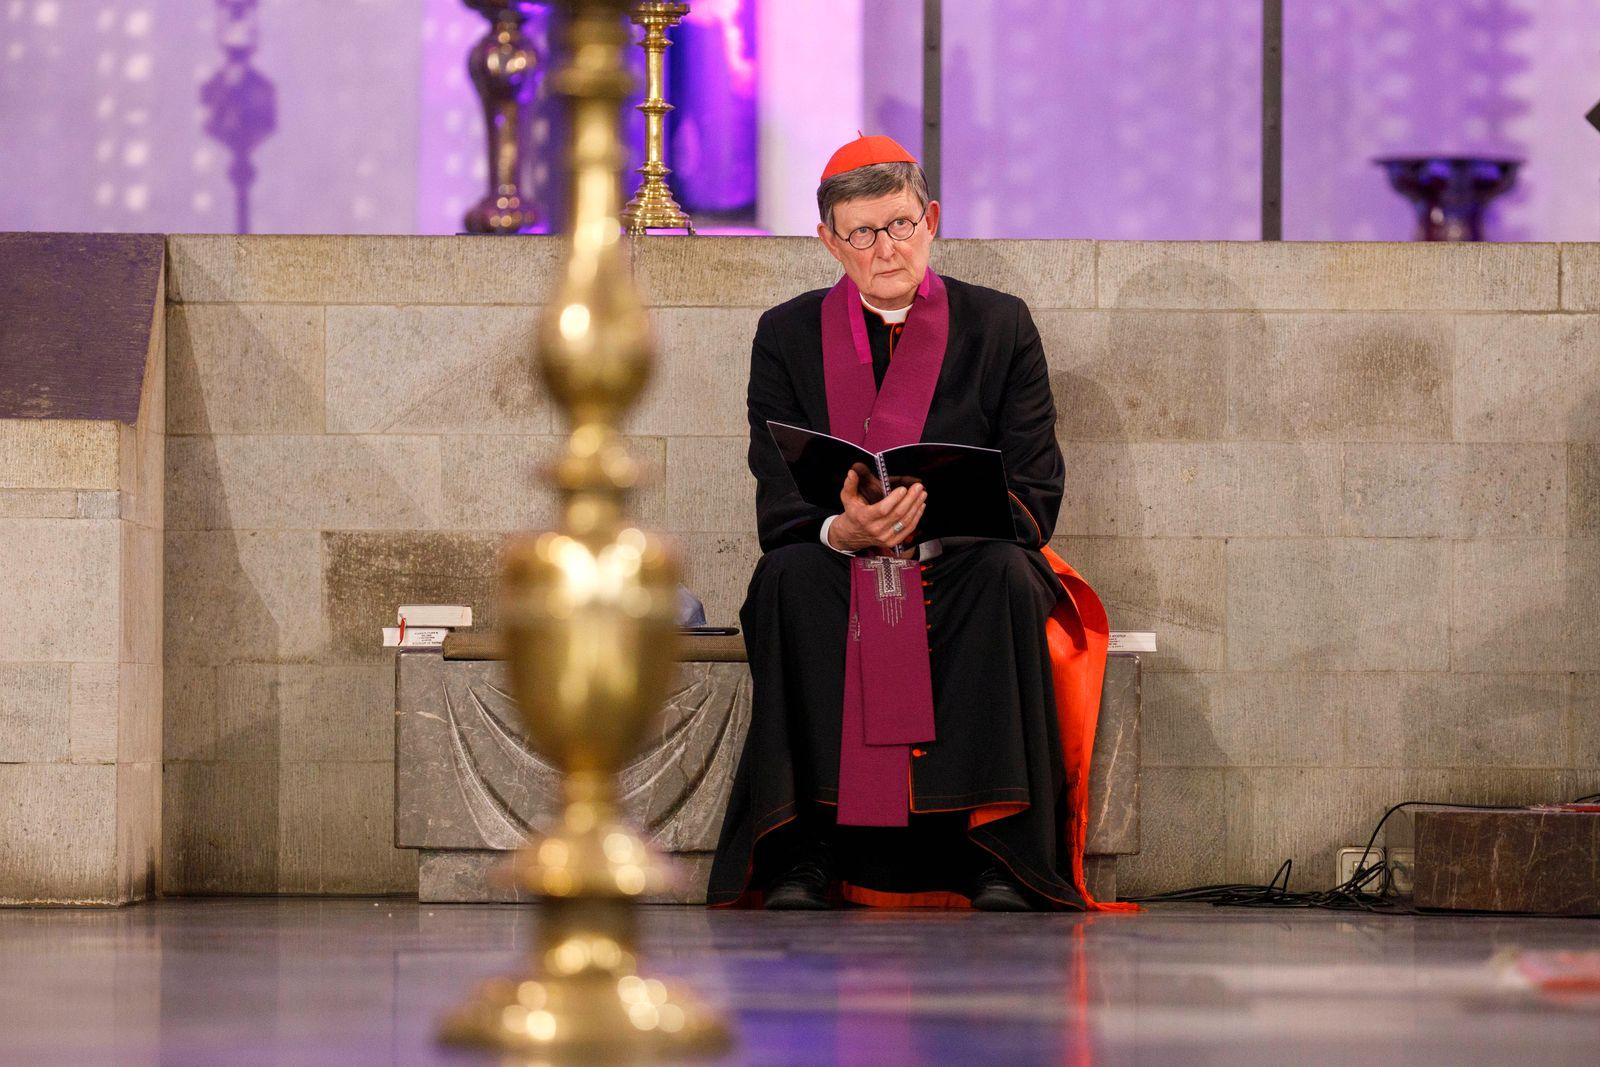 Zu Beginn des neuen Kirchenjahres luden der Kölner Erzbischof Rainer Maria Kardinal Woelki und der Präses der Evangelisc